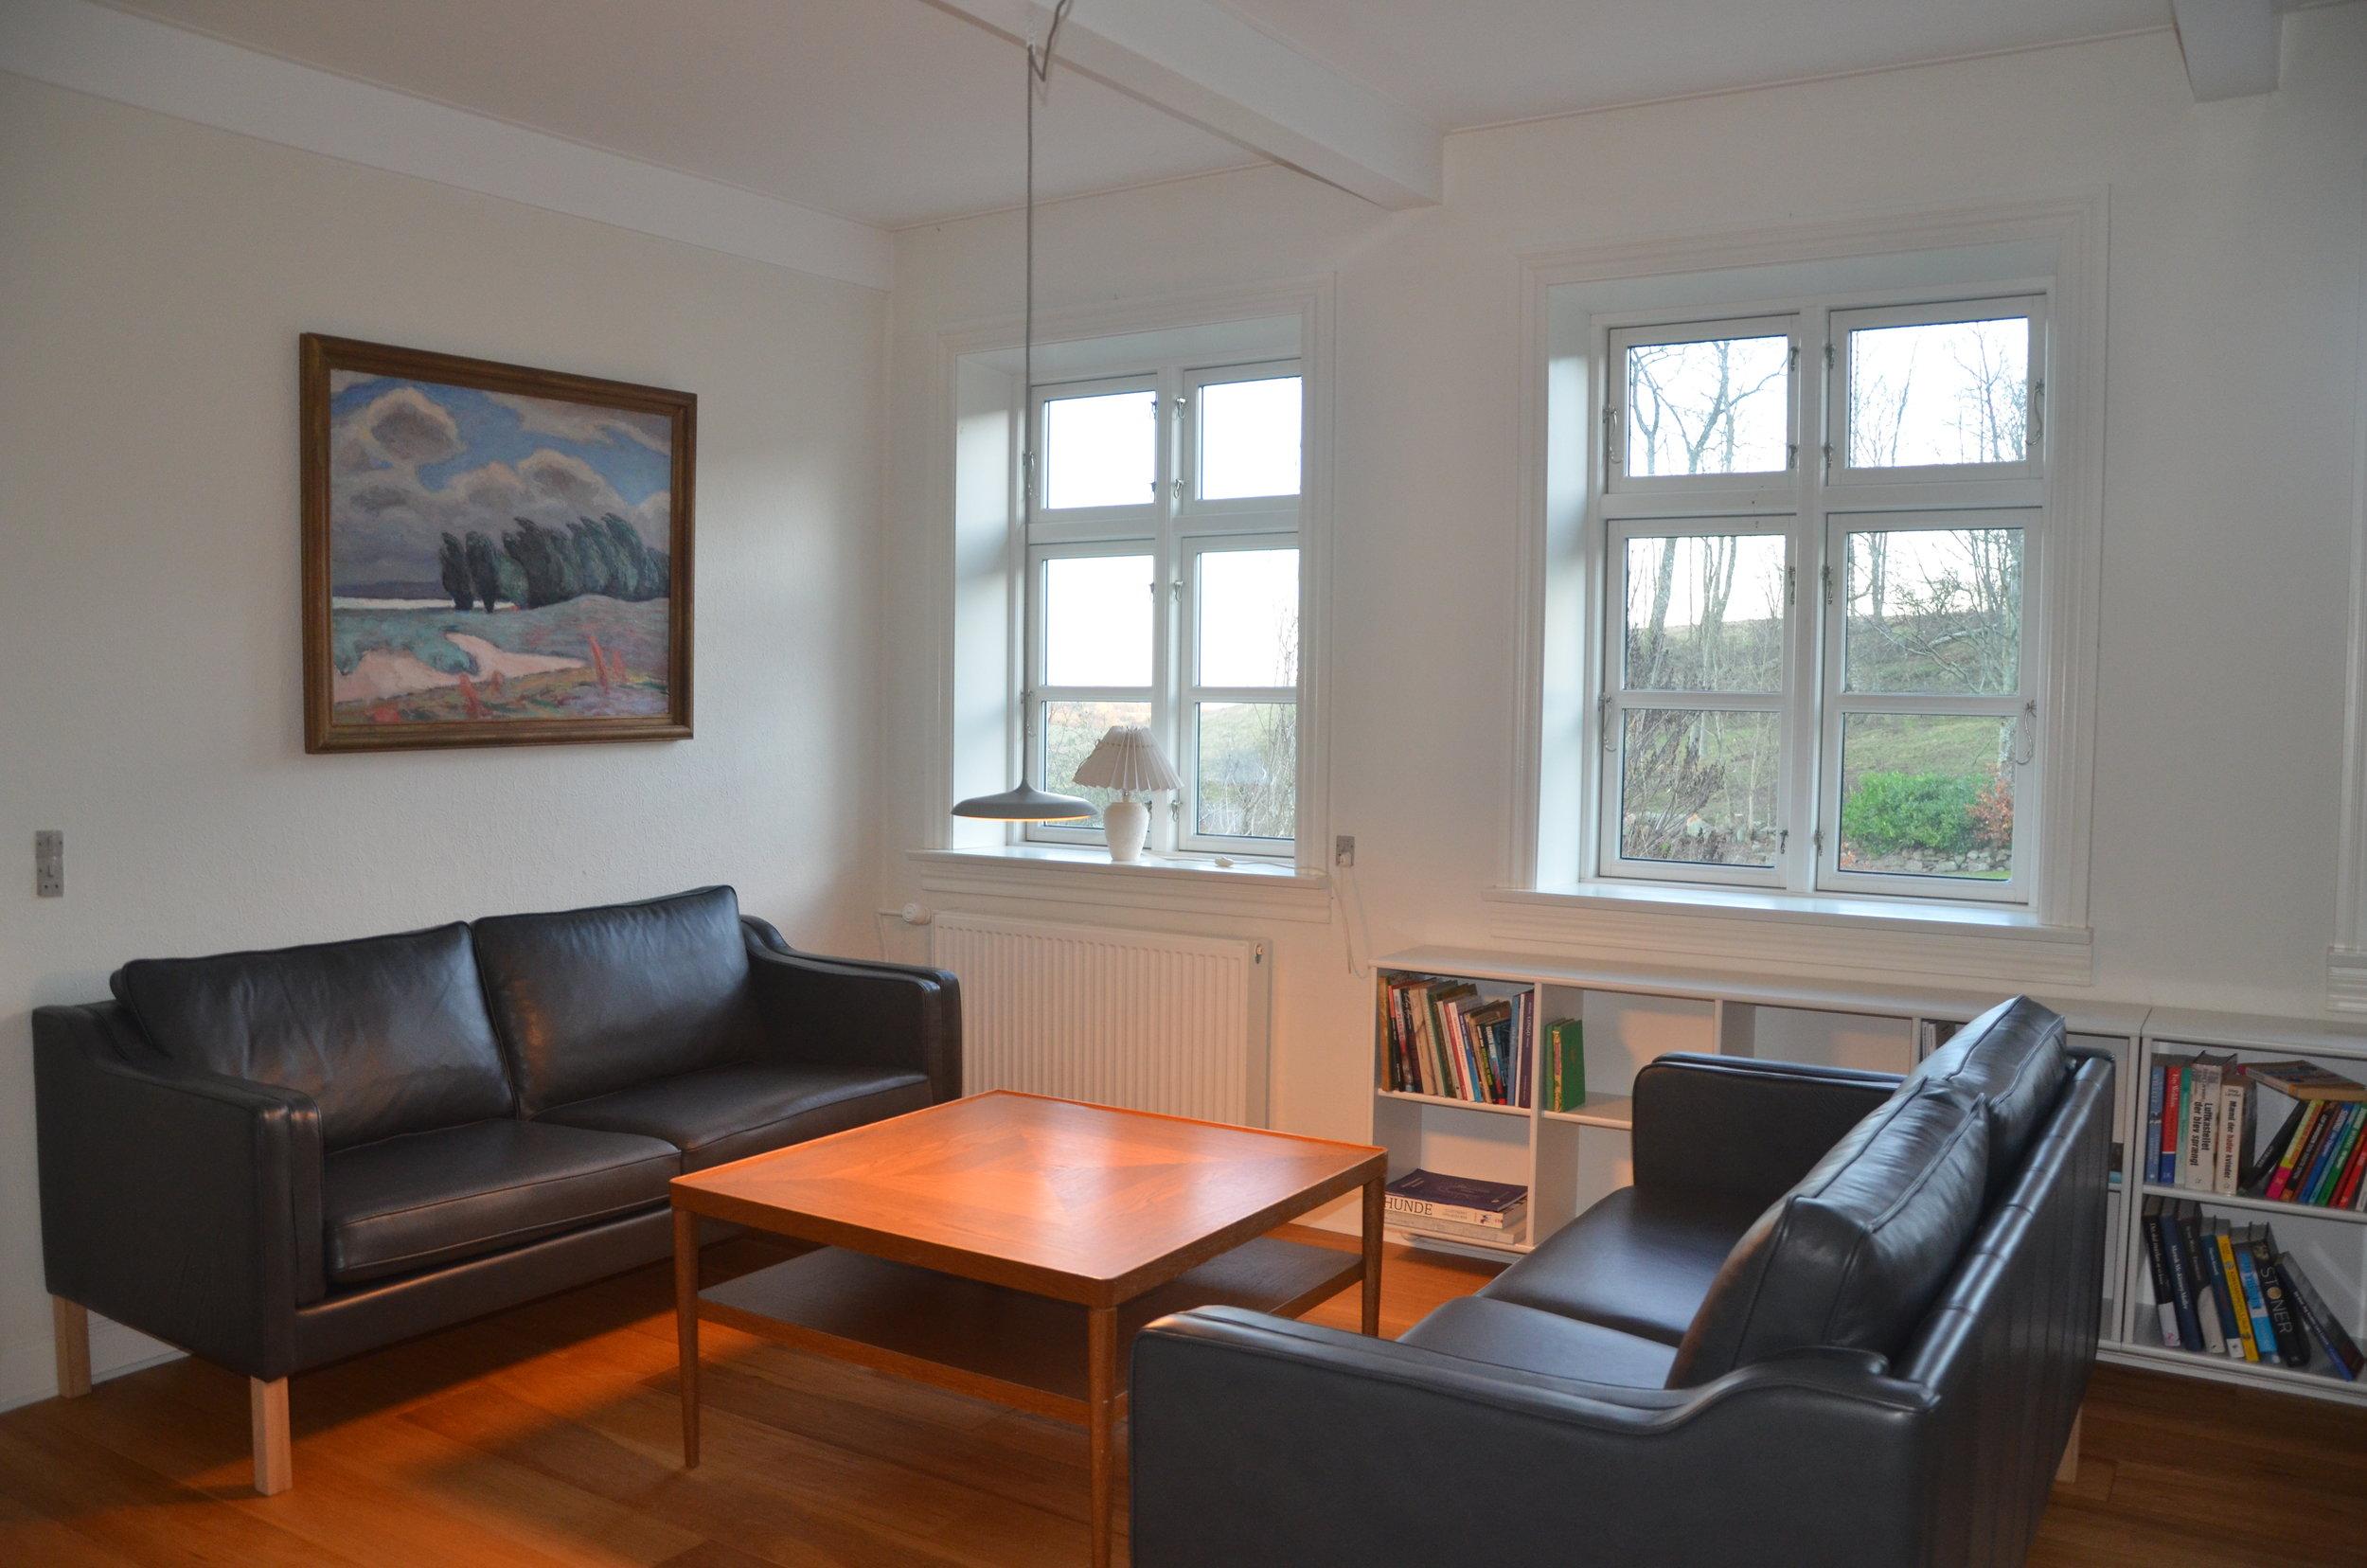 B Living Room 5.JPG